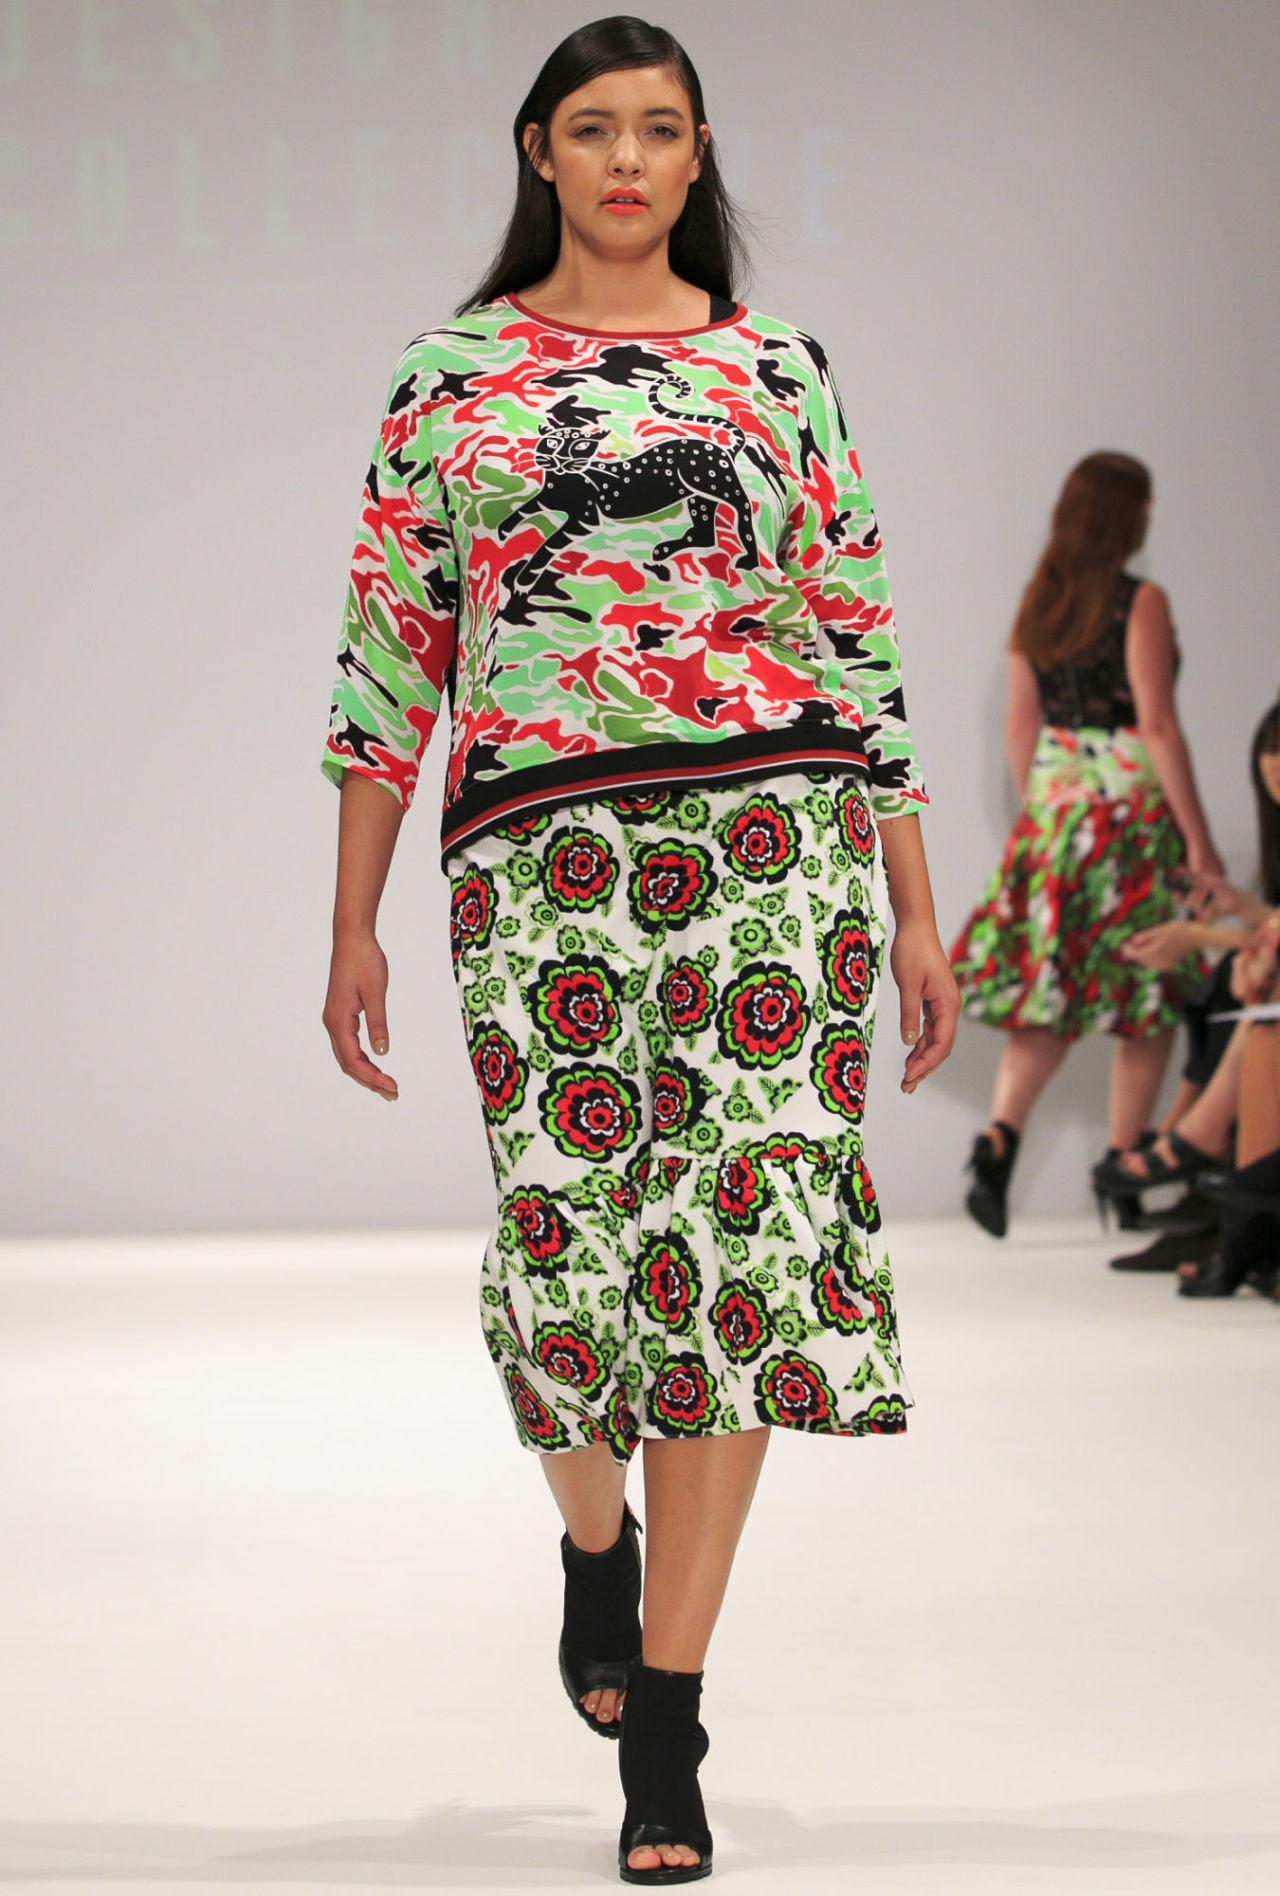 curvy fashion cool trendy stylish designer high fashion